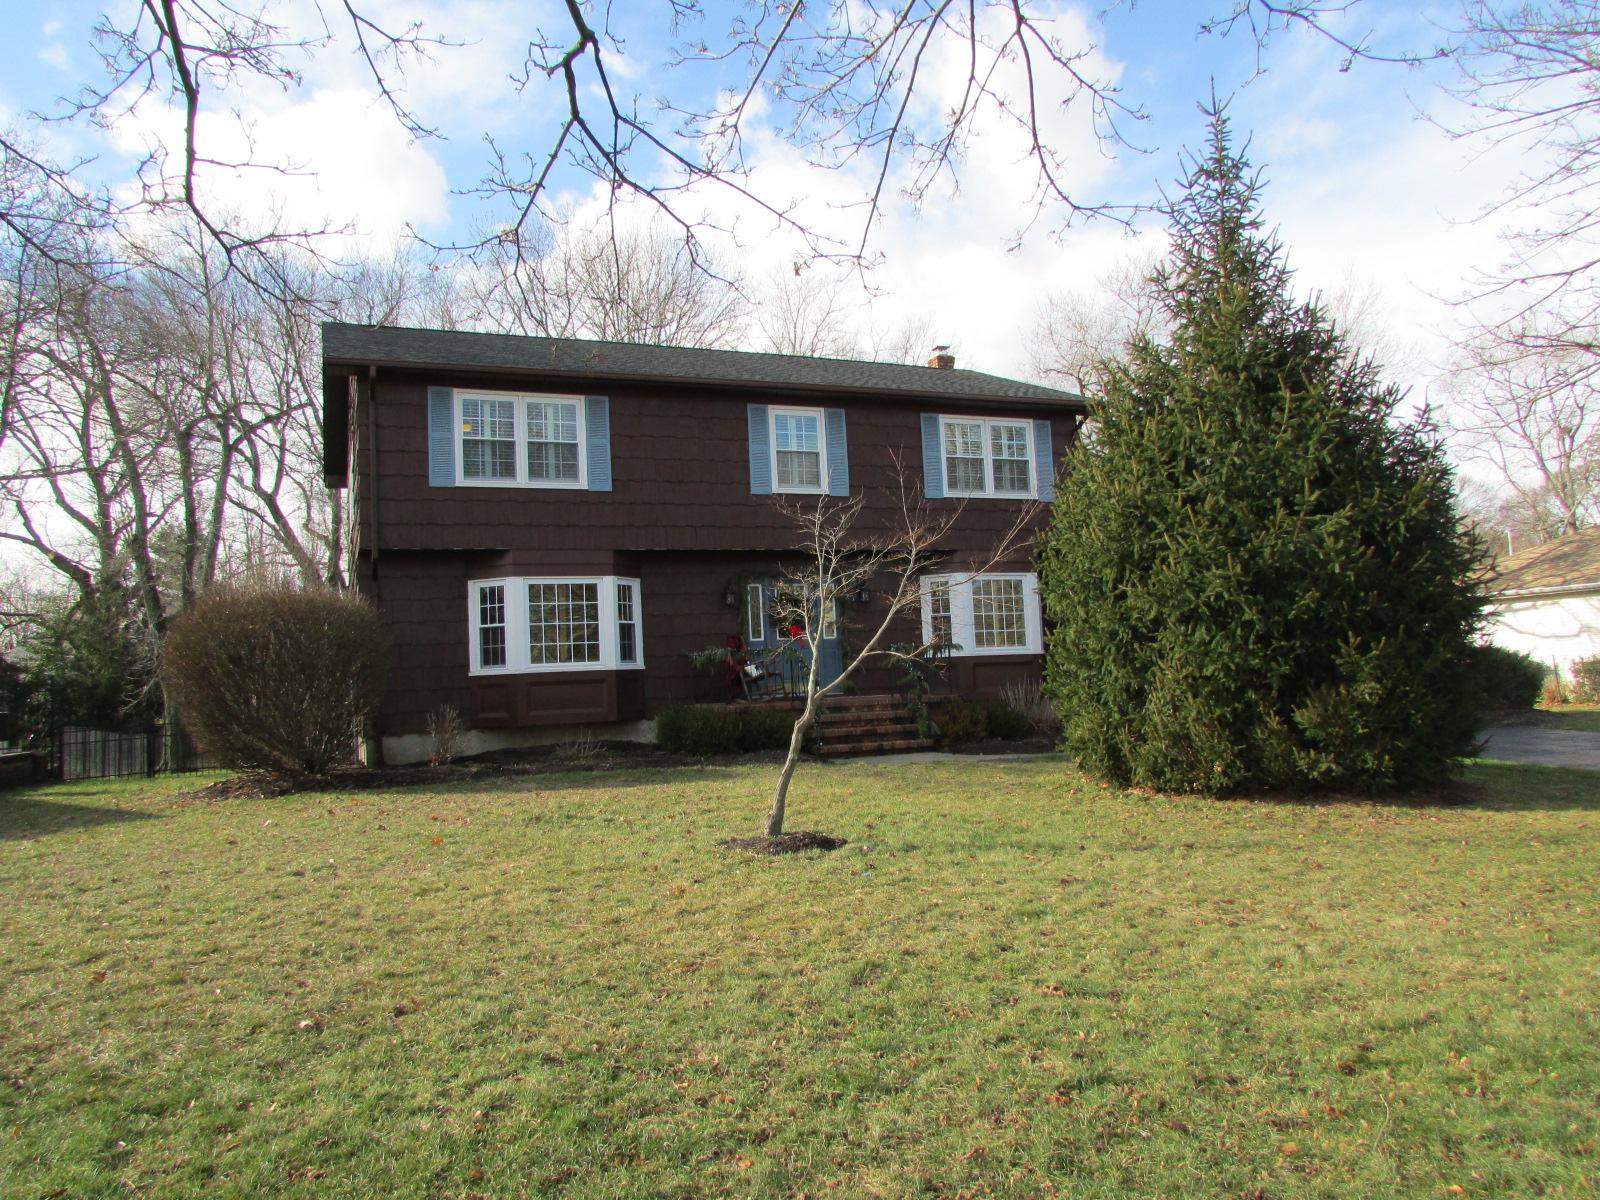 独户住宅 为 销售 在 23 Jeryl Street 伊顿敦, 07724 美国